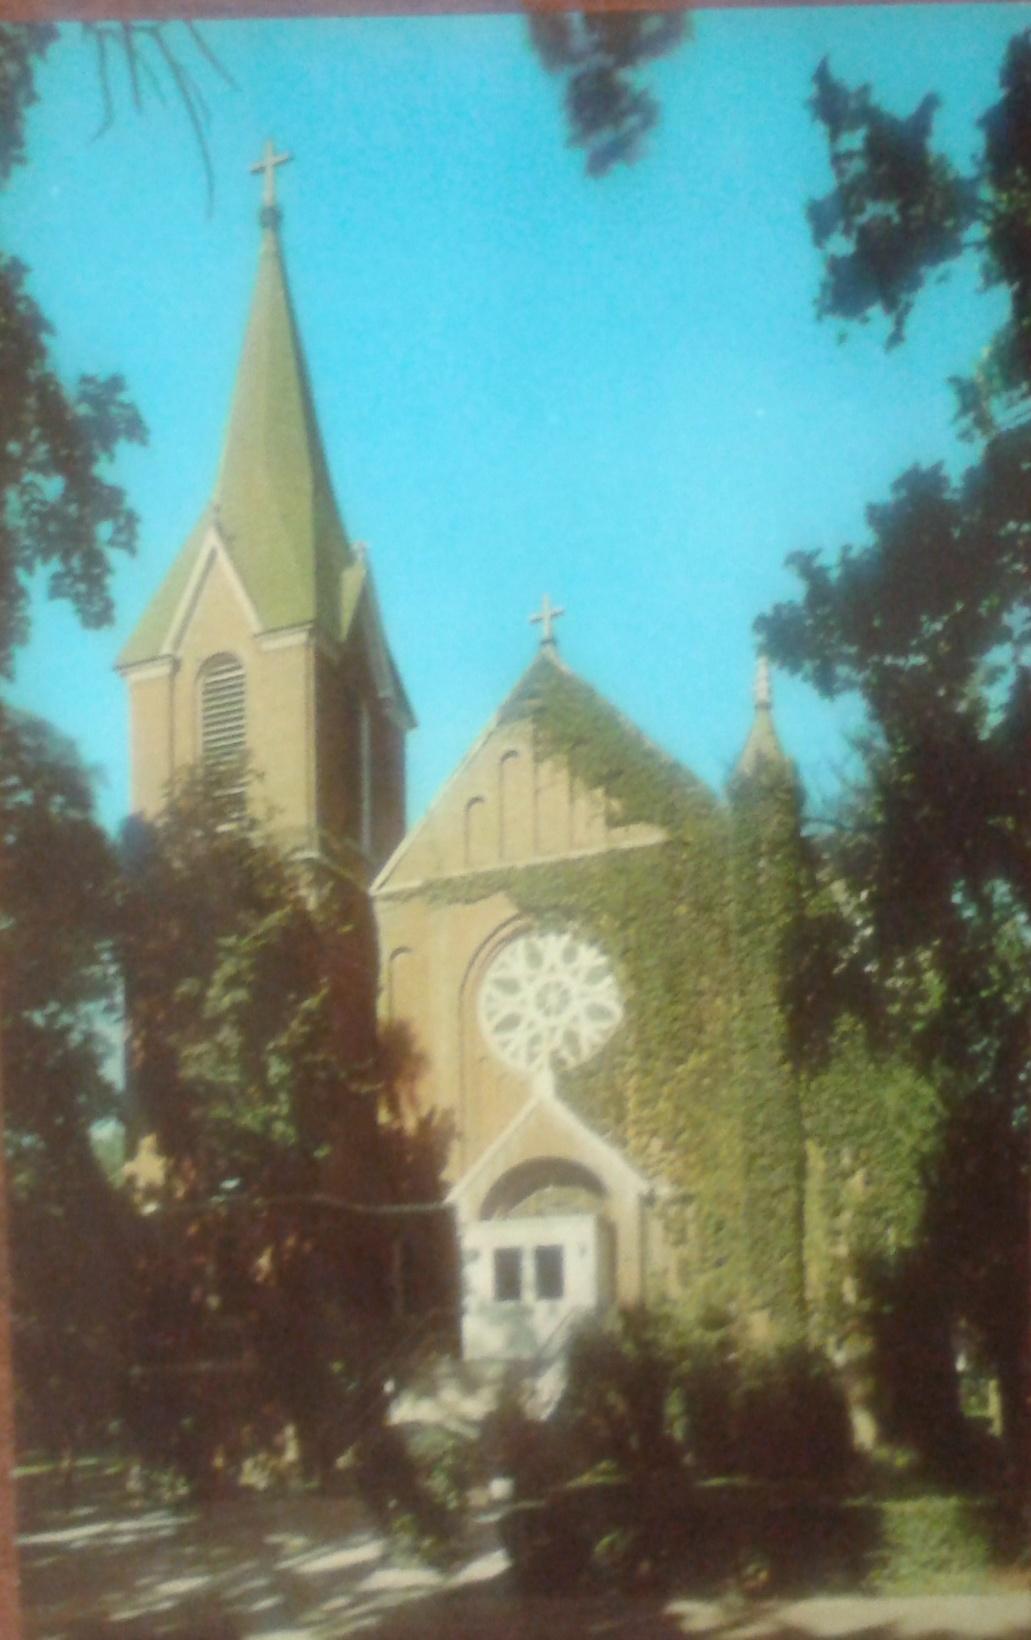 Chapel-Fort Leavenworth-Catholic Chapel